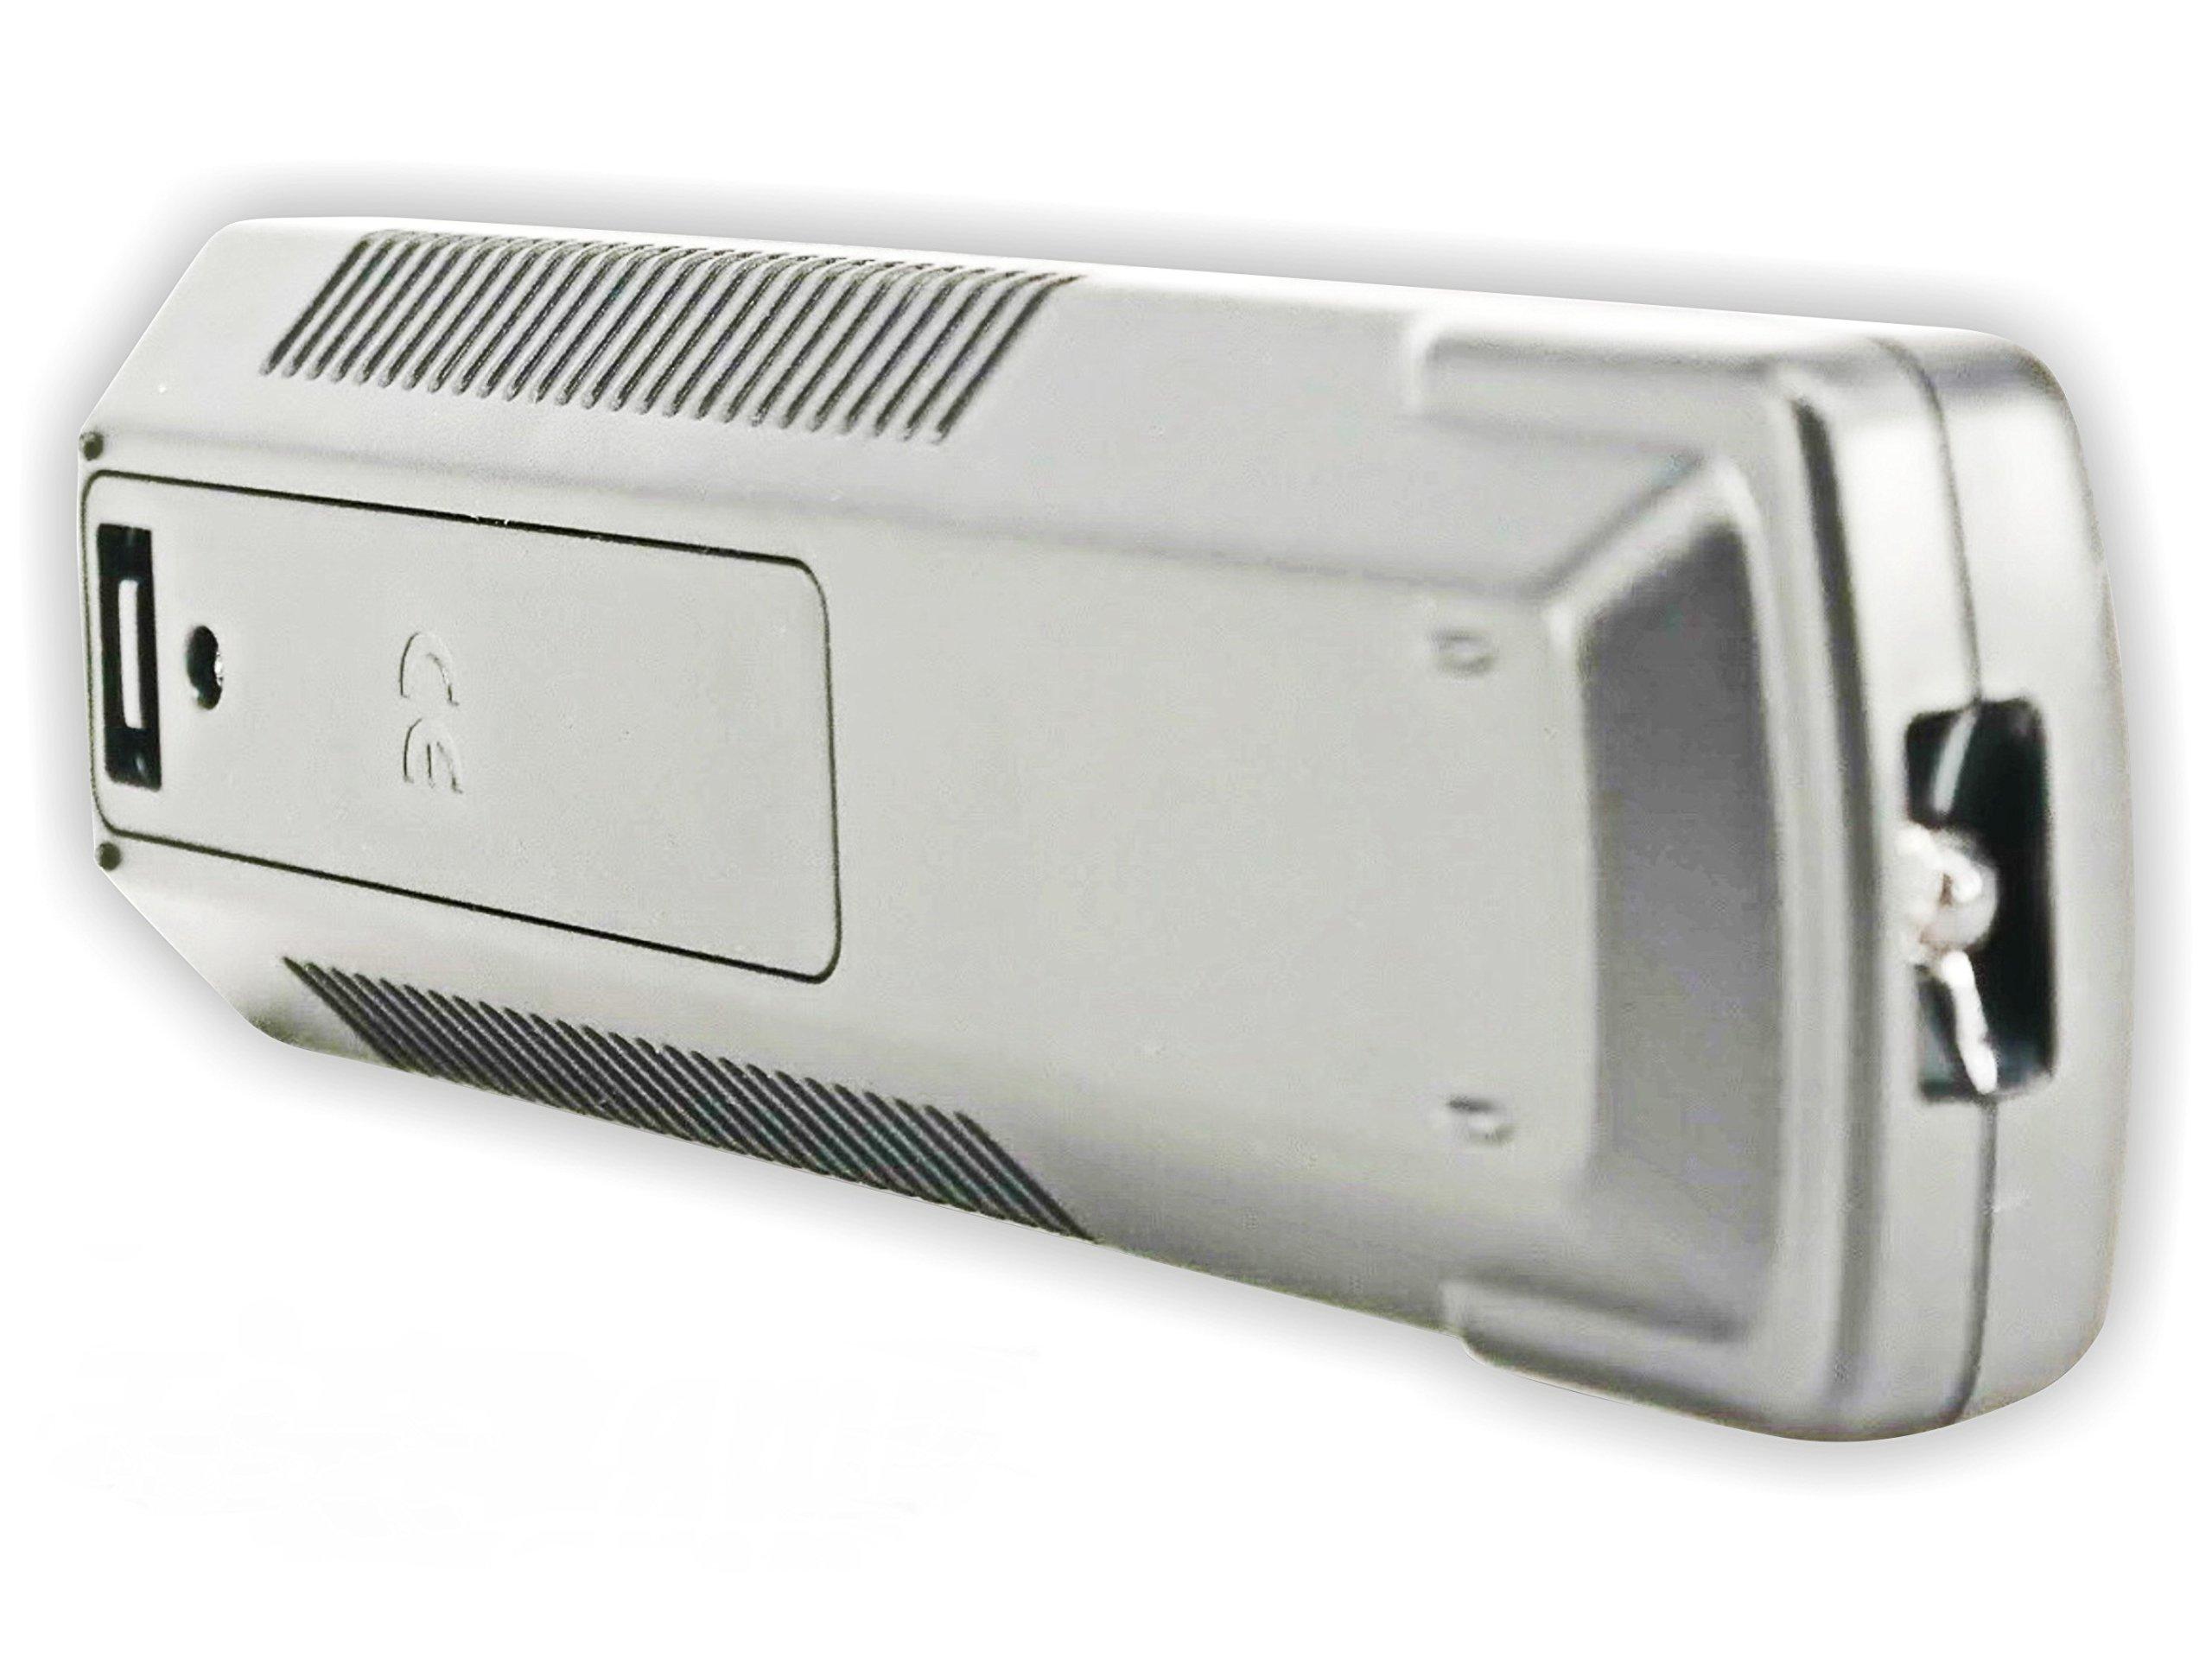 Remote Control for Bose SoundLink by Tekswamp by Tekswamp (Image #6)